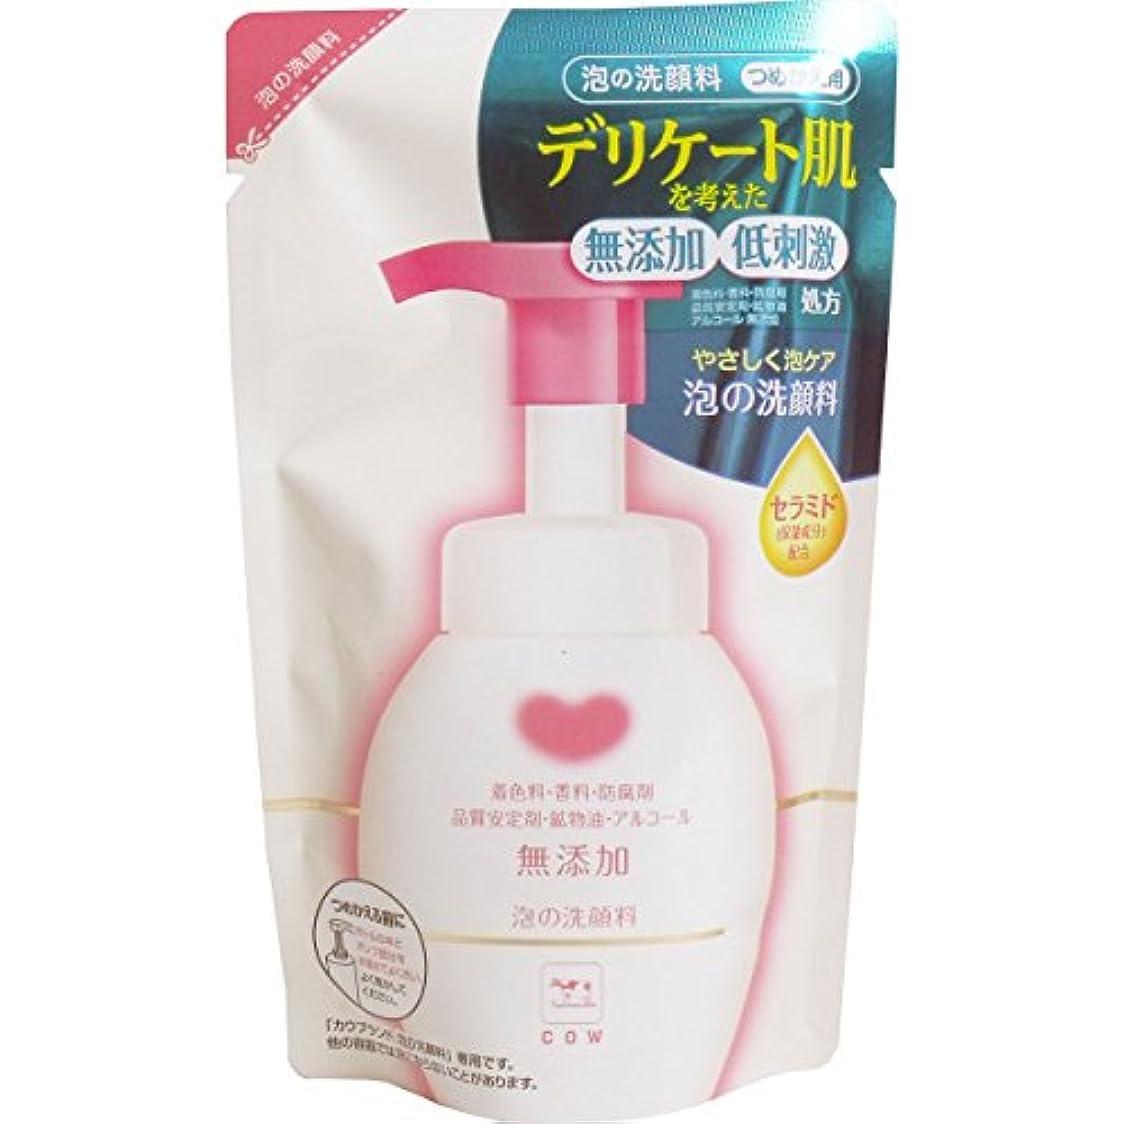 異常反応する雄弁な【まとめ買い】カウブランド 無添加泡の洗顔料 詰替用 180ML ×2セット